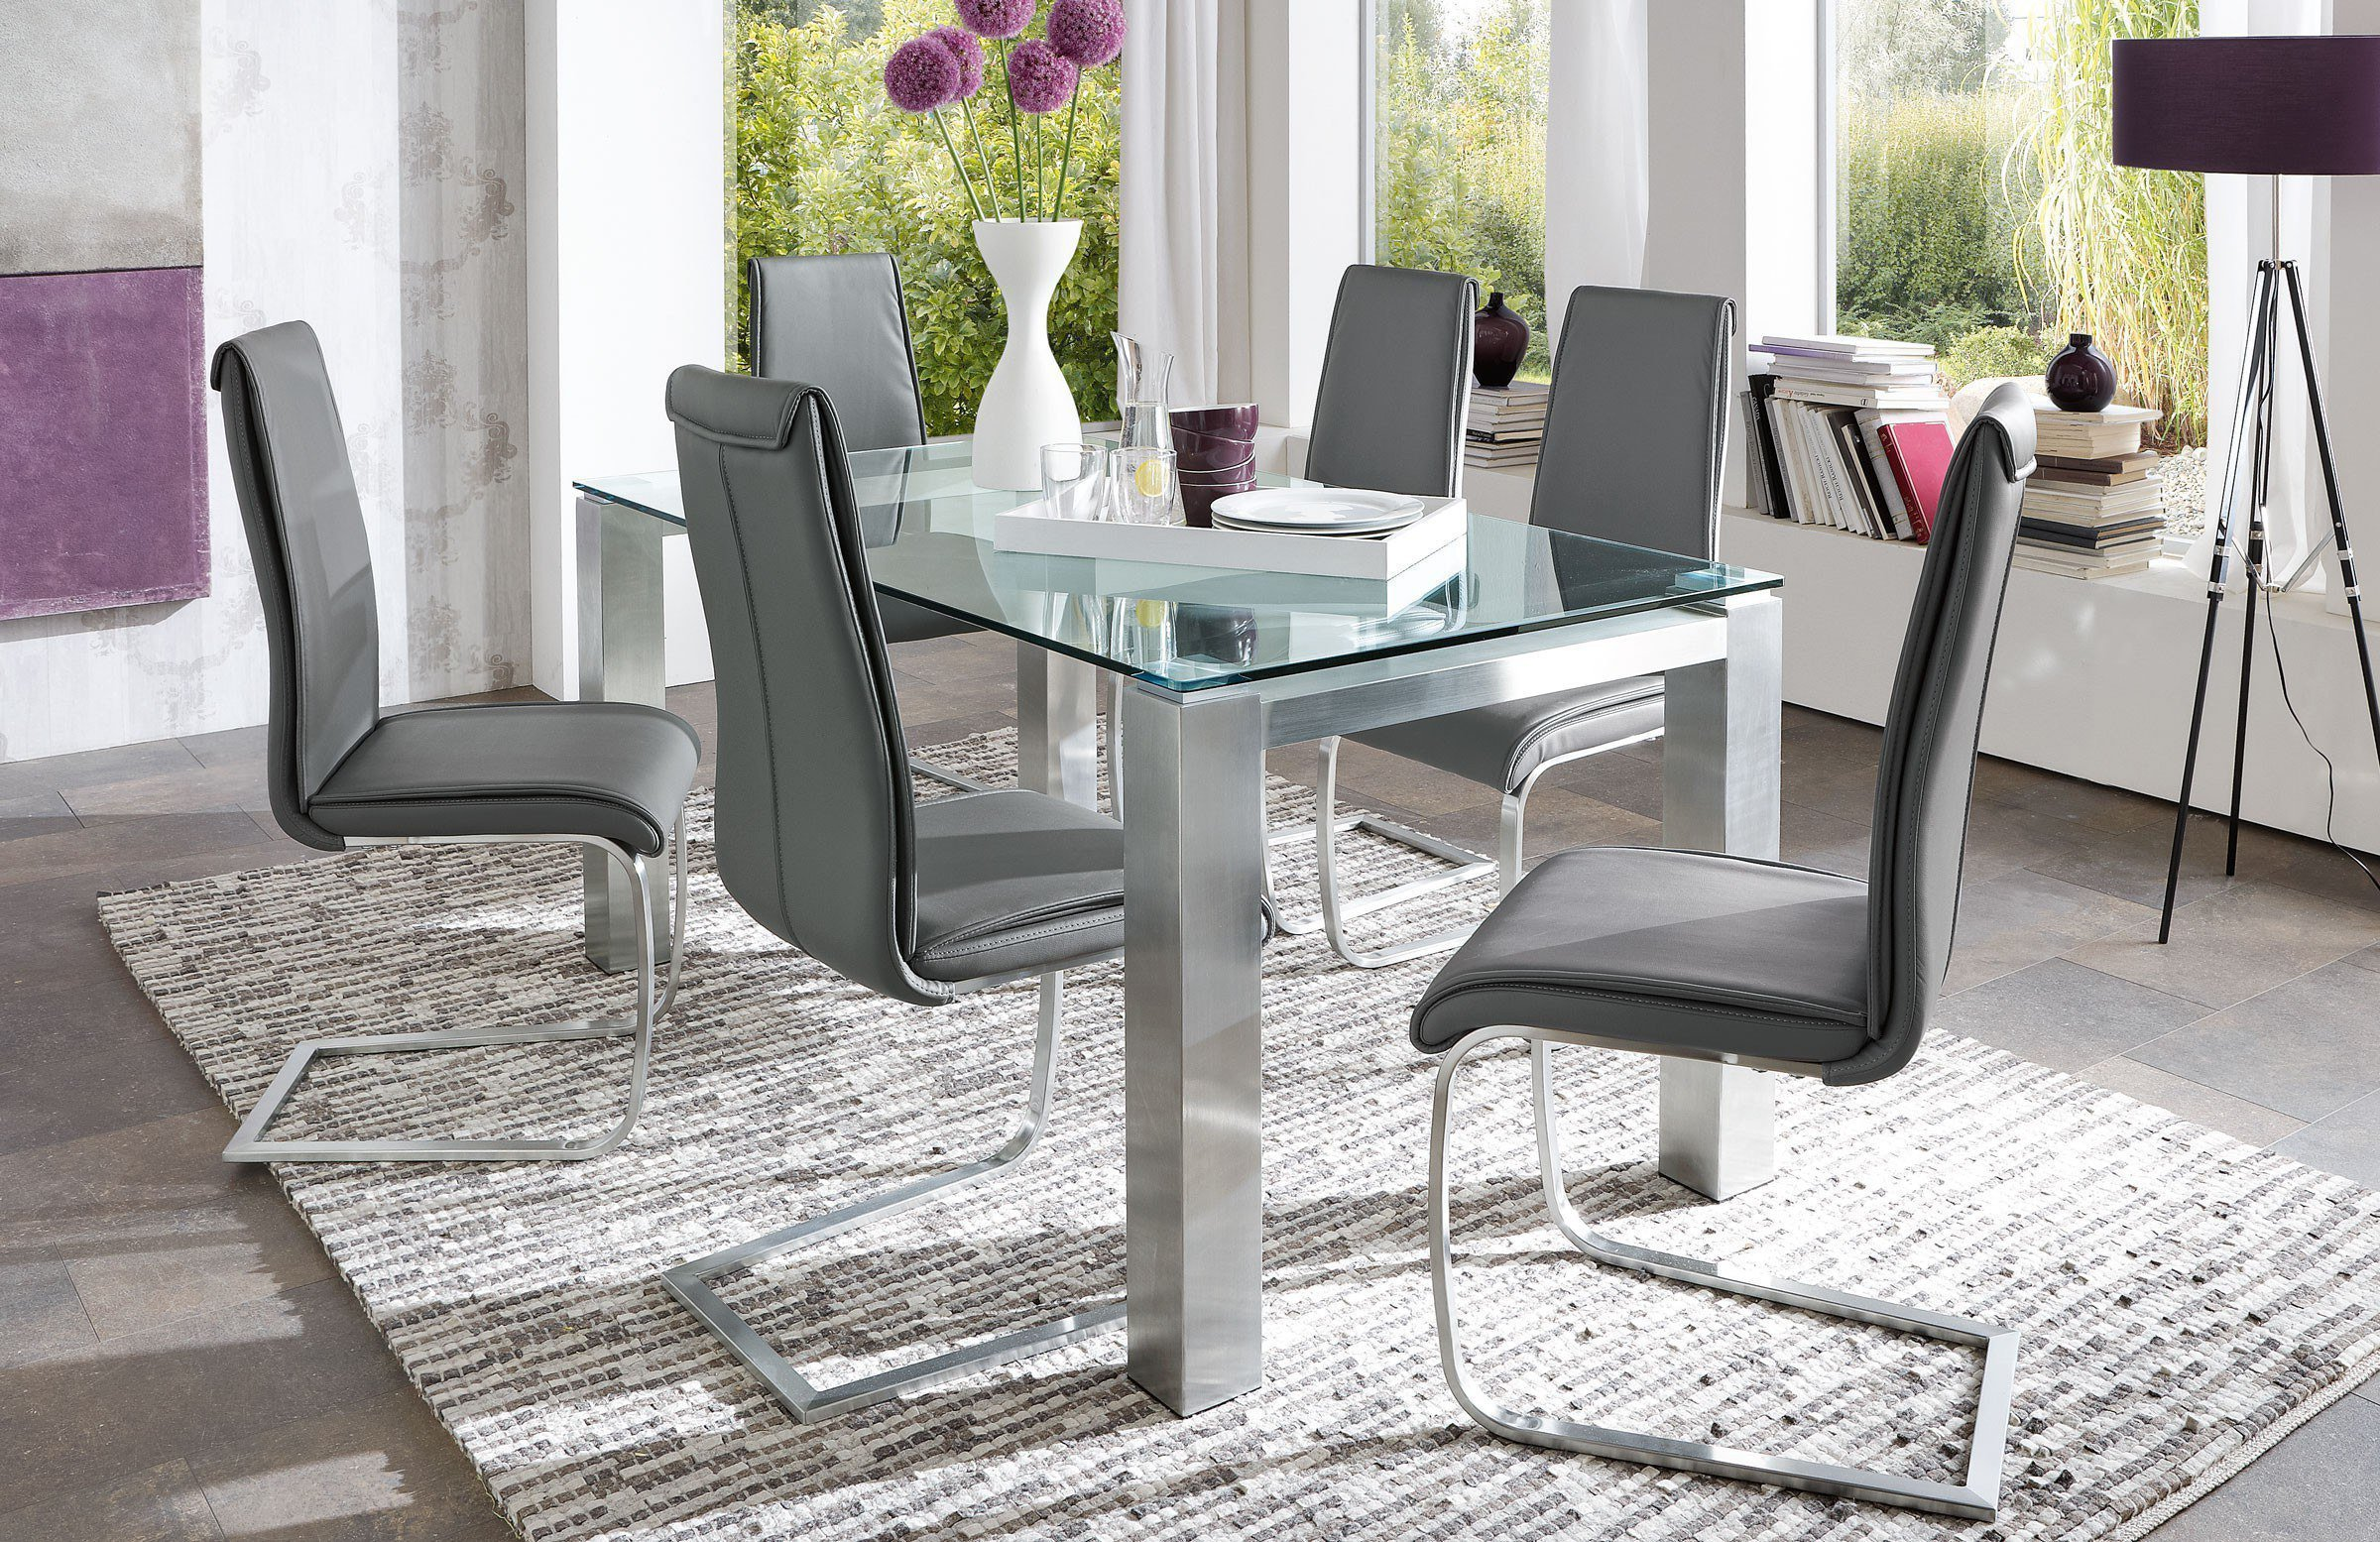 Esszimmer Von Niehoff Sitzmöbel   Tisch Palma U0026 Stühle 7871